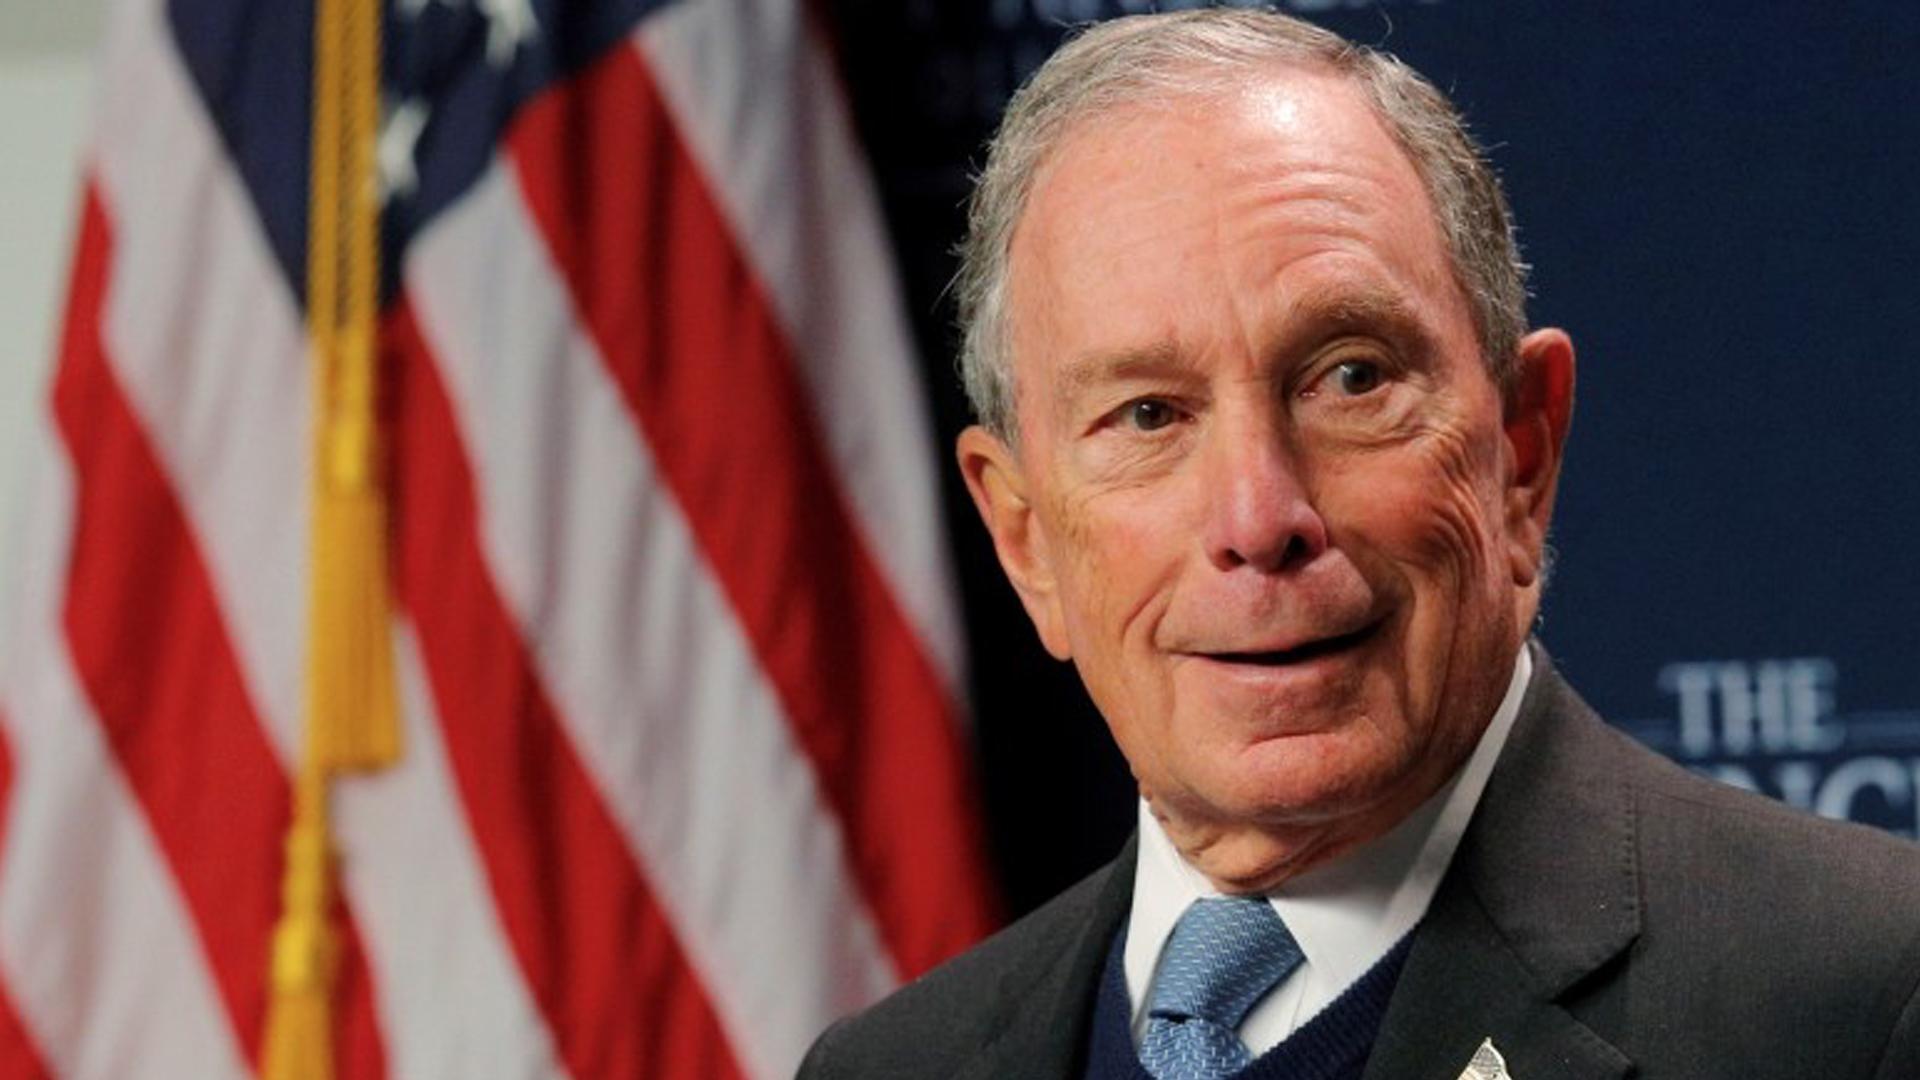 Michael Bloomberg deja la carrera presidencial y repalda a Joe Biden